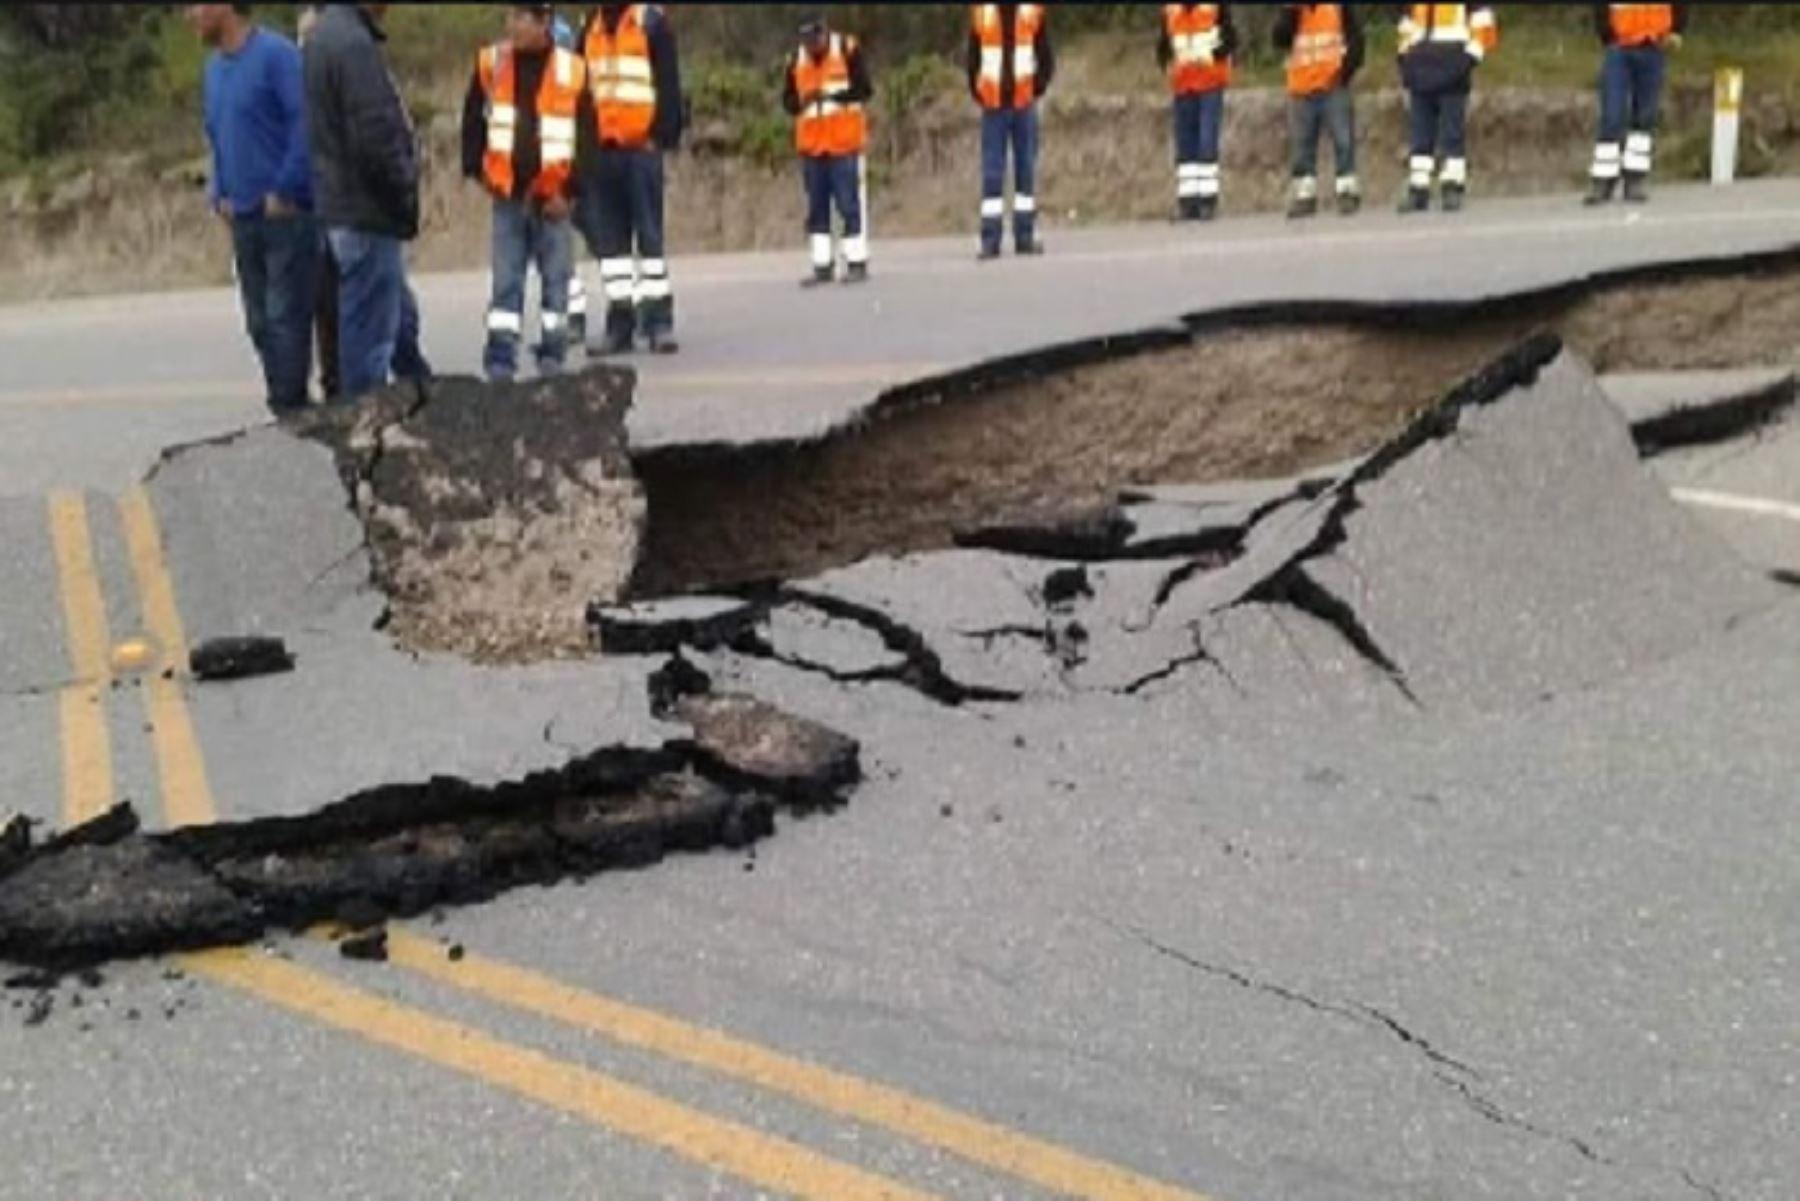 El sismo de 7.5 grados que remeció esta madrugada Loreto y se sintió en varias regiones del país provocó que la vía que conduce a la provincia de Cajabamba resulte interrumpida a la altura de Huañimba, desde el kilómetro 1161+370 de la vía PE03N hasta el kilómetro 1161+740.